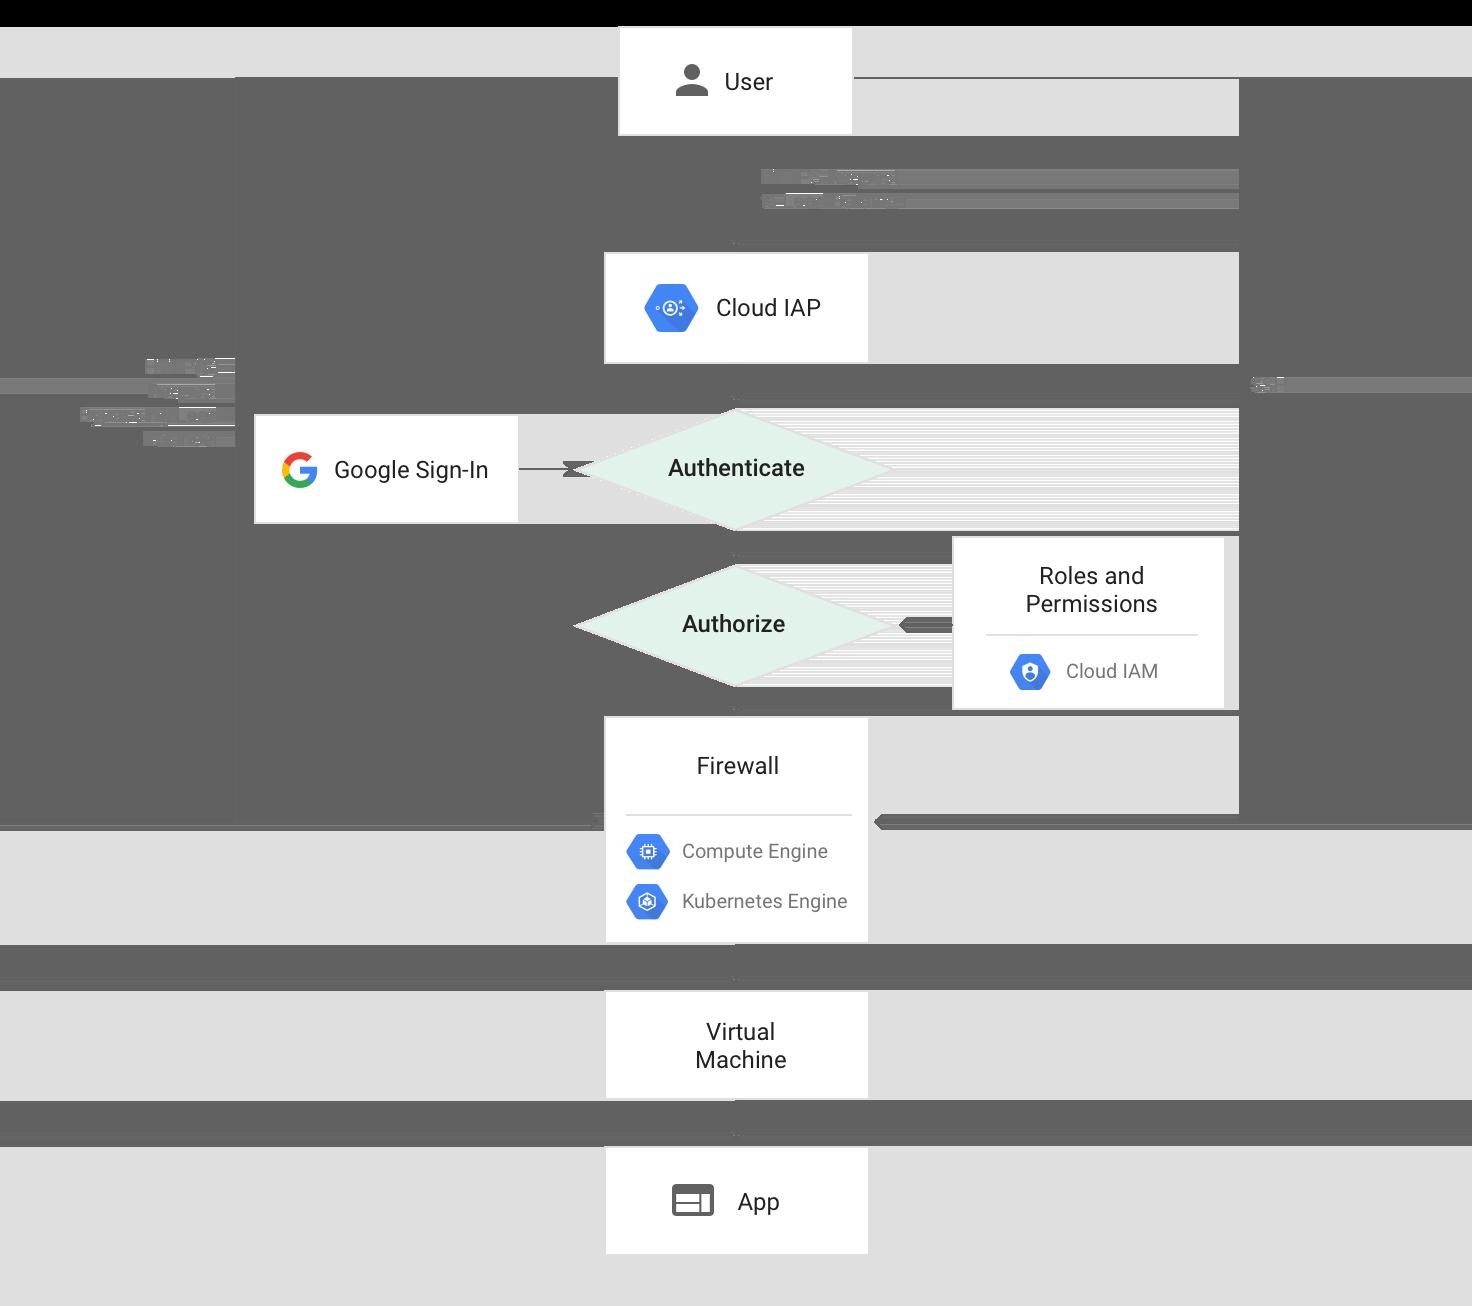 diagrama do caminho de solicitação para o Compute Engine e o Kubernetes Engine ao usar o Cloud IAP